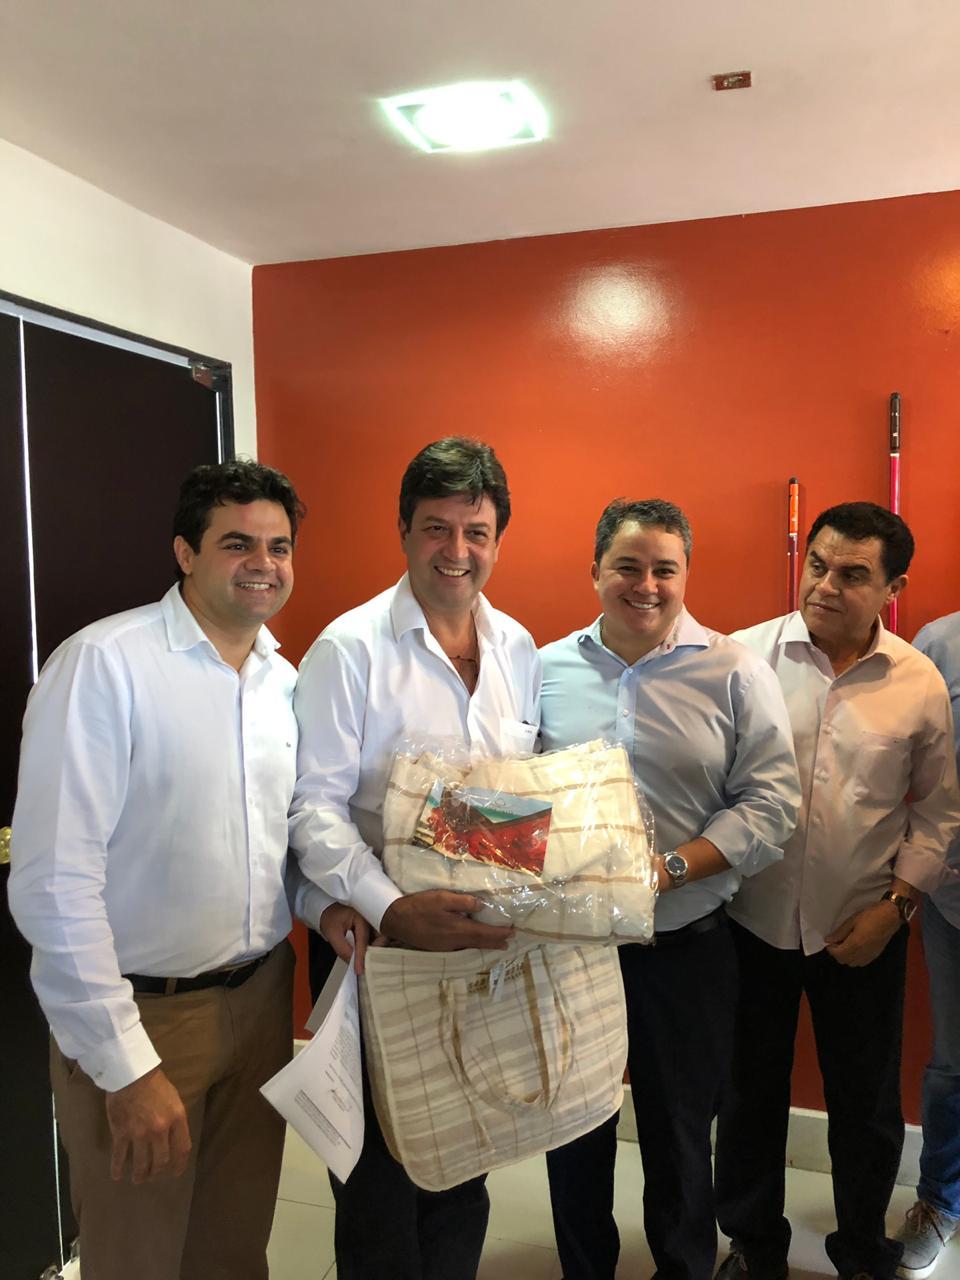 91c9c5b1 43bd 450e b97f 7cdaec86efdd - Na Paraíba, políticos recepcionam ministro da Saúde Luiz Henrique Mandetta